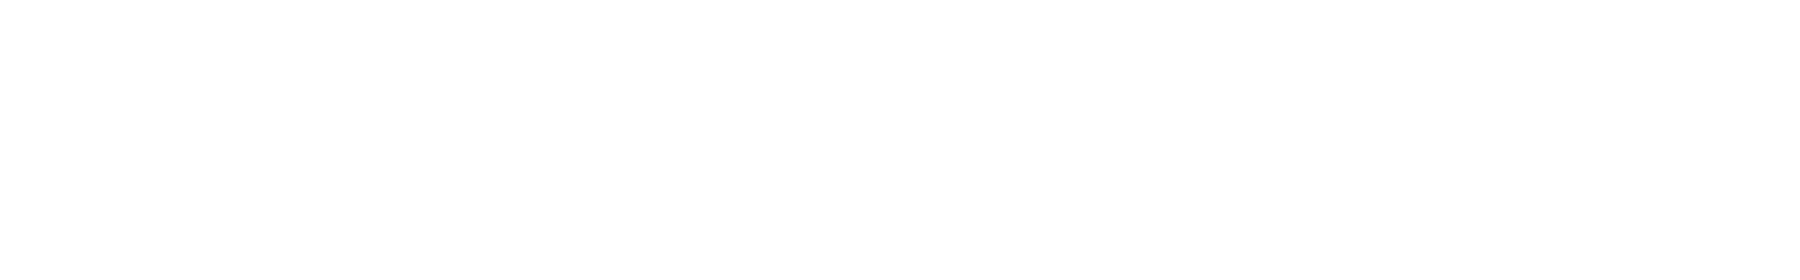 melody 13bpm95keyg